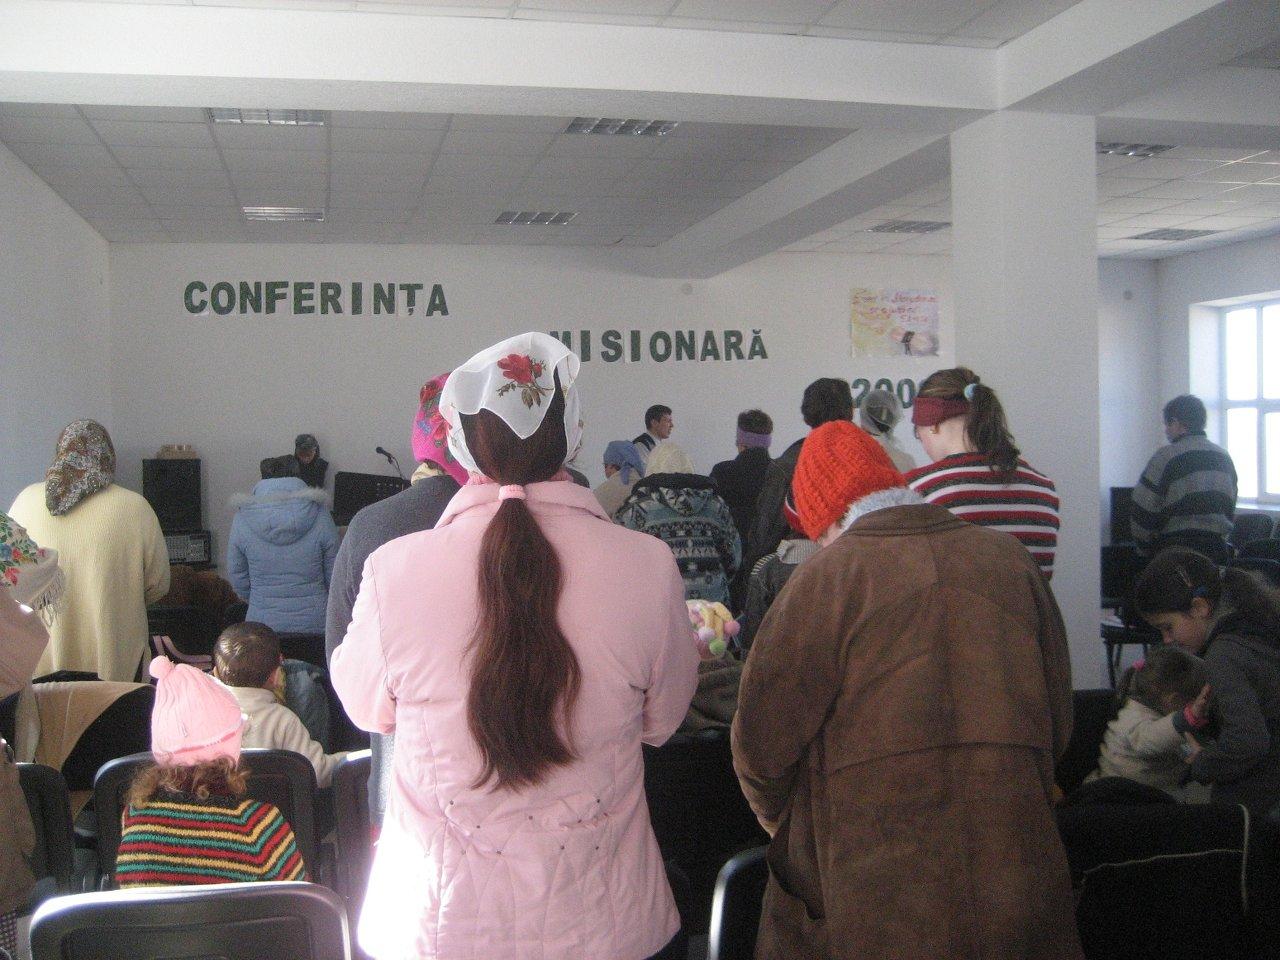 conferinta misionara .jpg